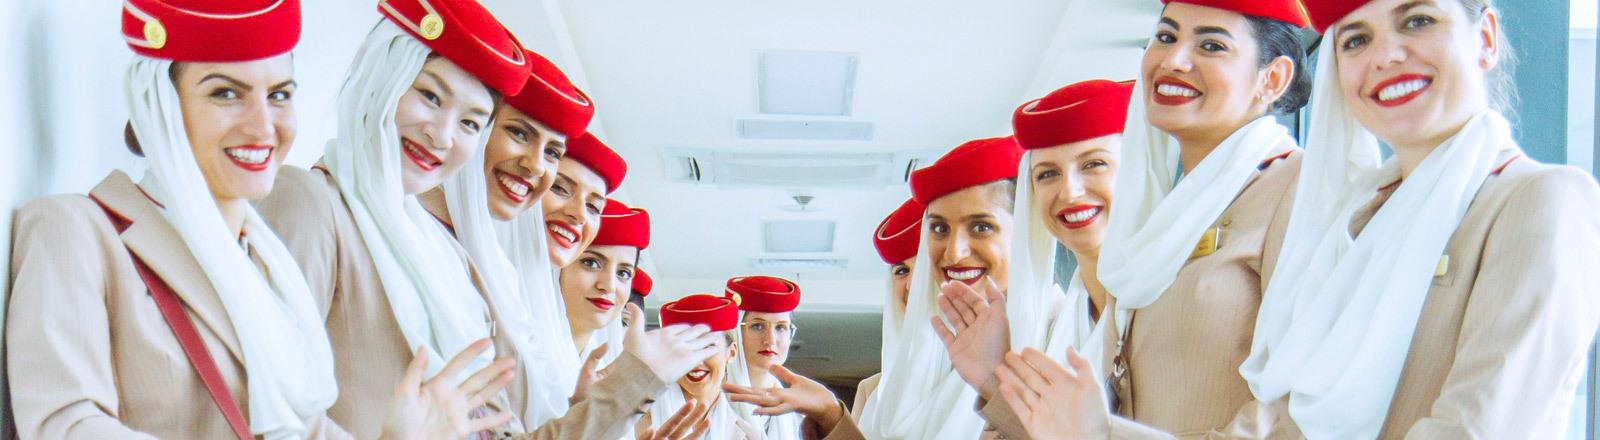 Flugbegleiterinnen